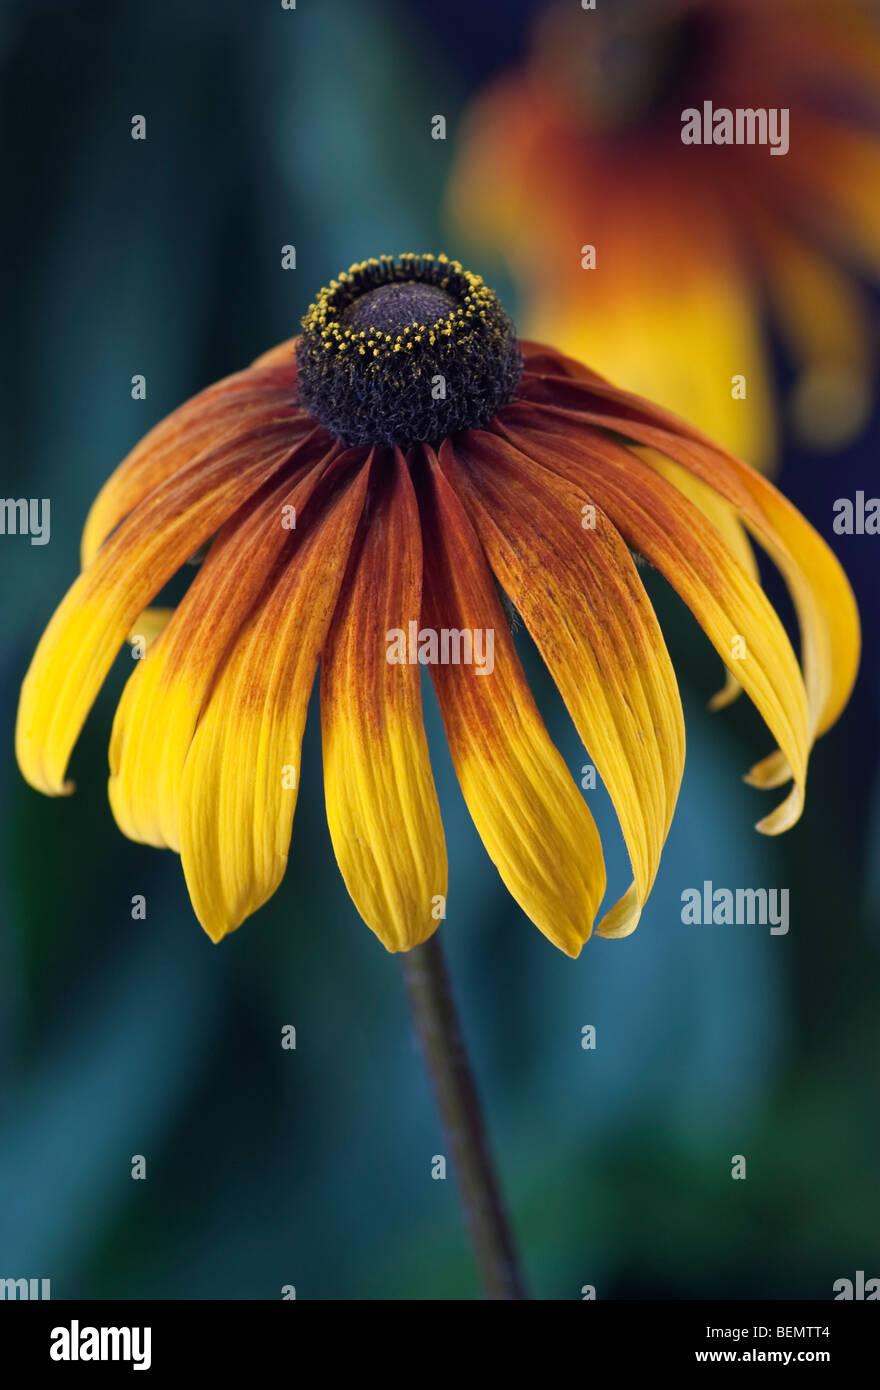 Rudbeckia [Gloriosa Daisy] - Stock Image